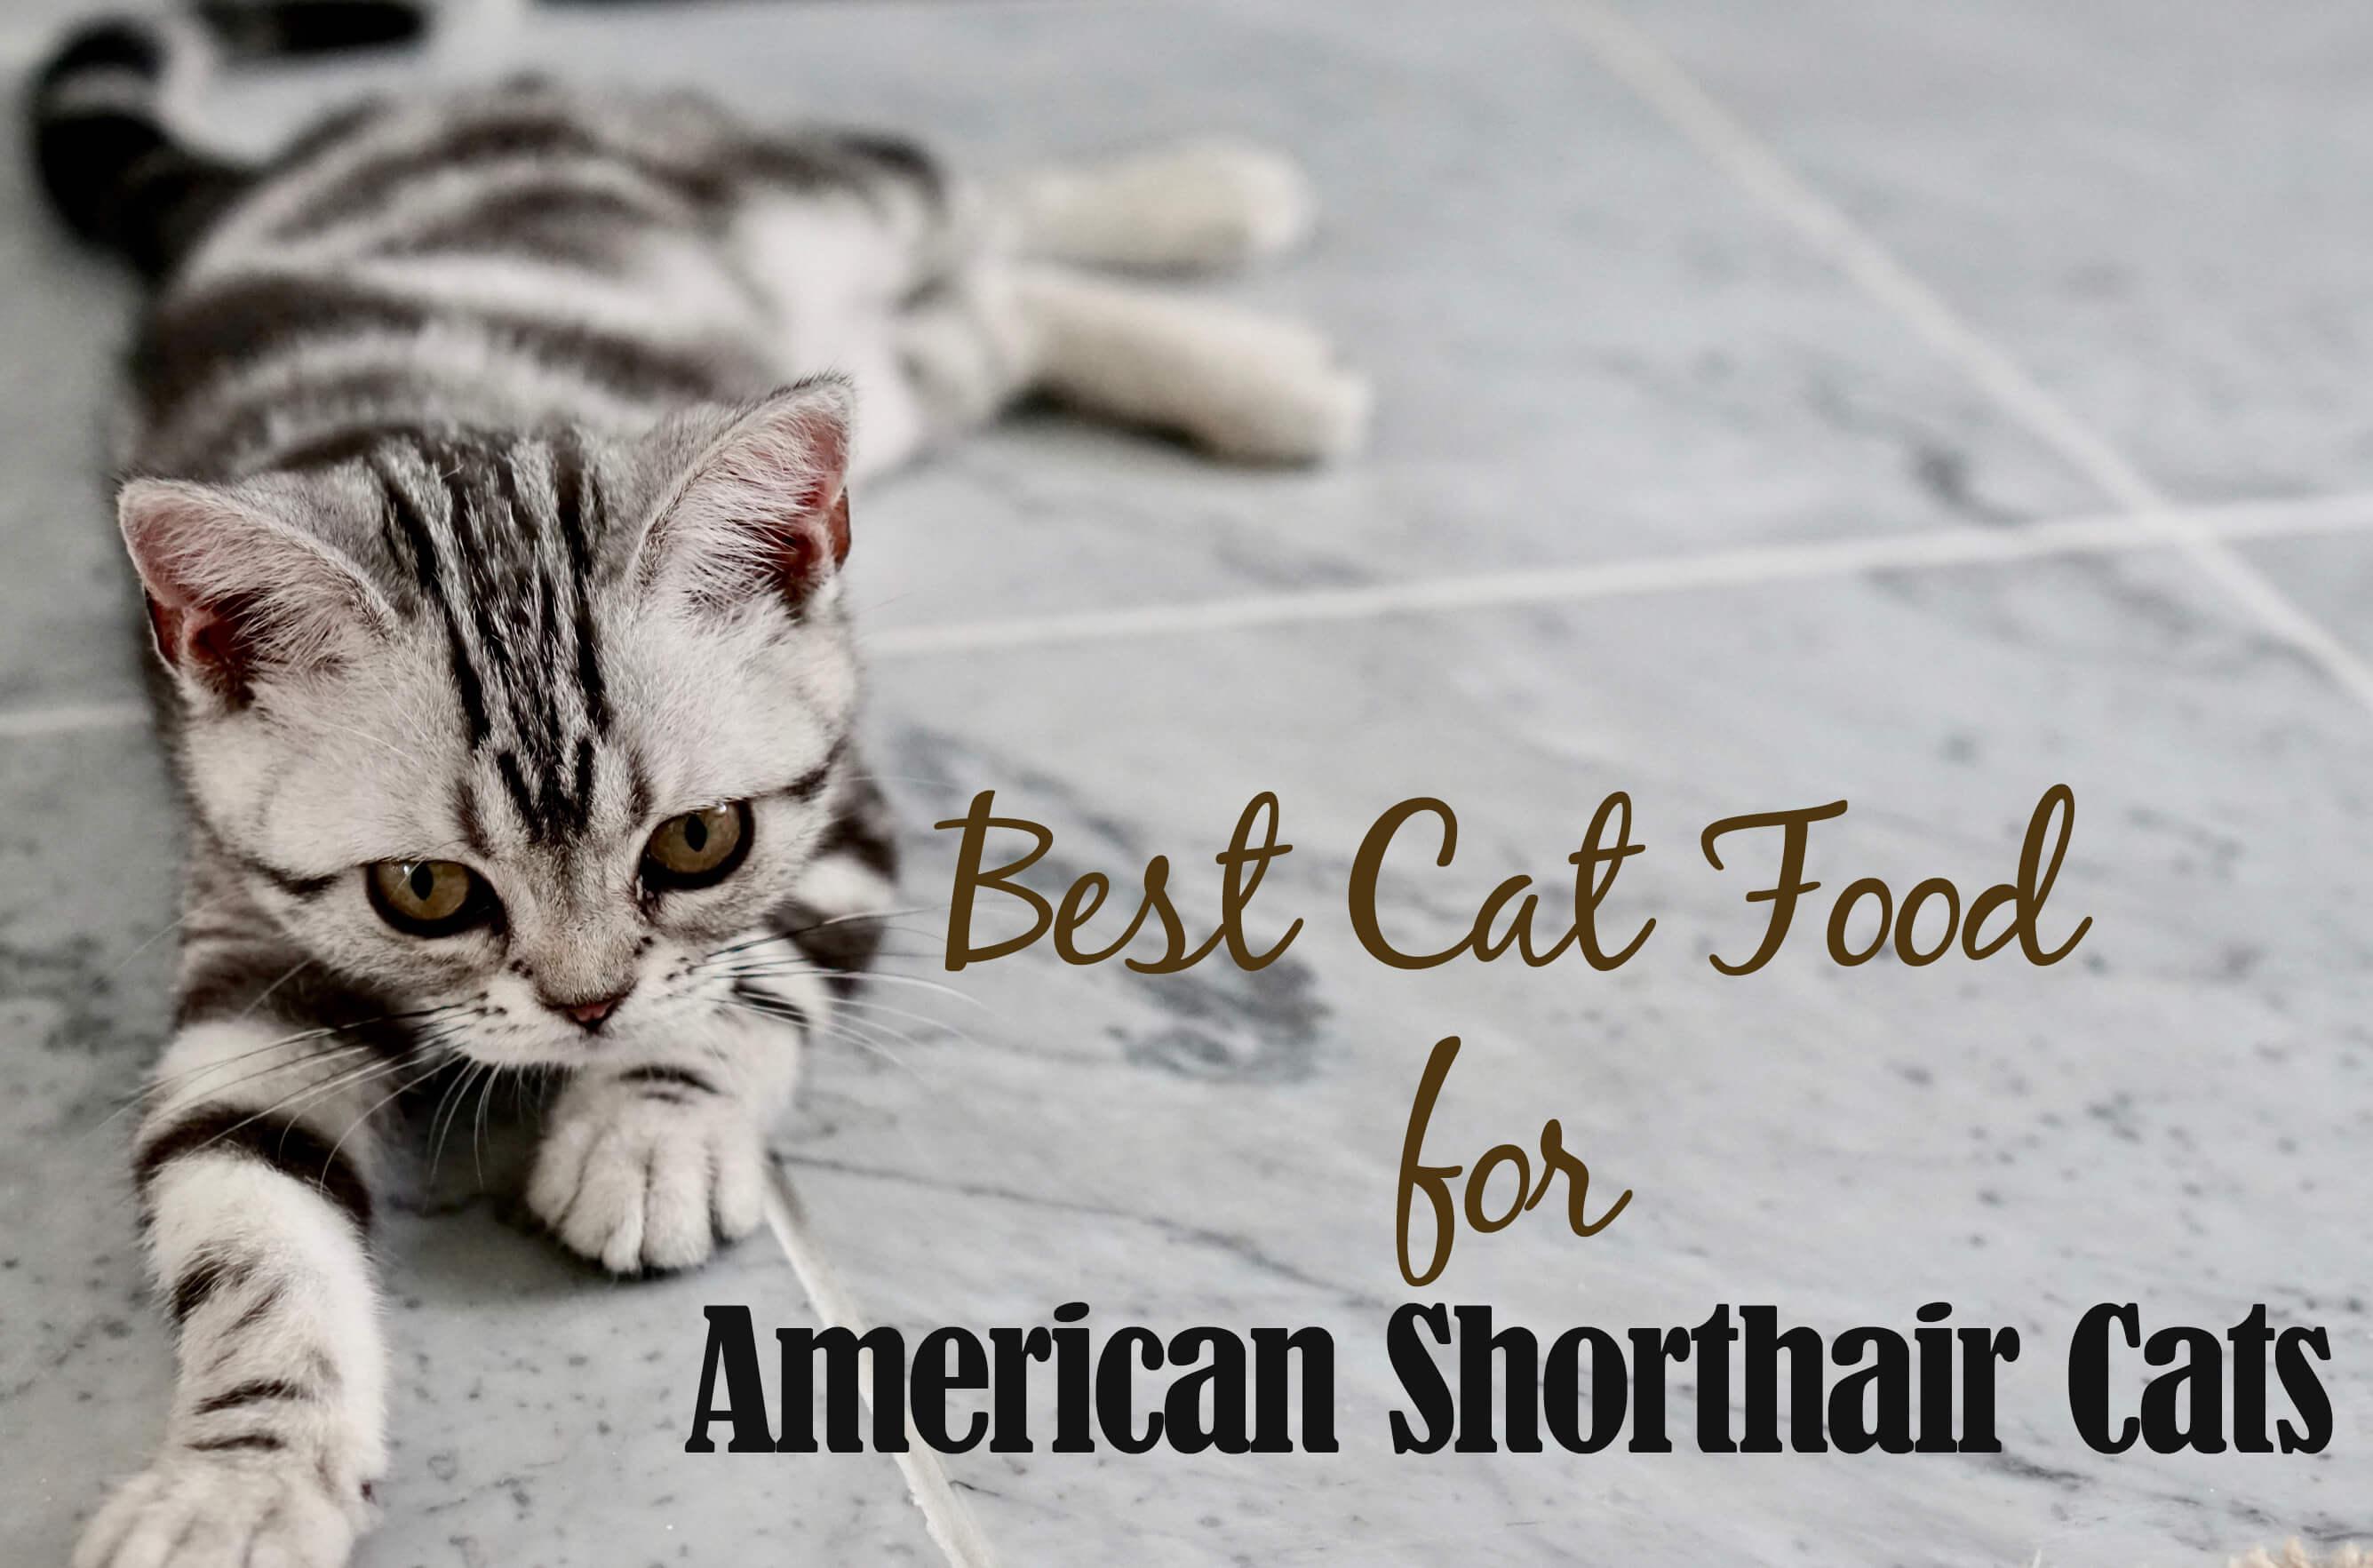 American Shorthair Cat Food